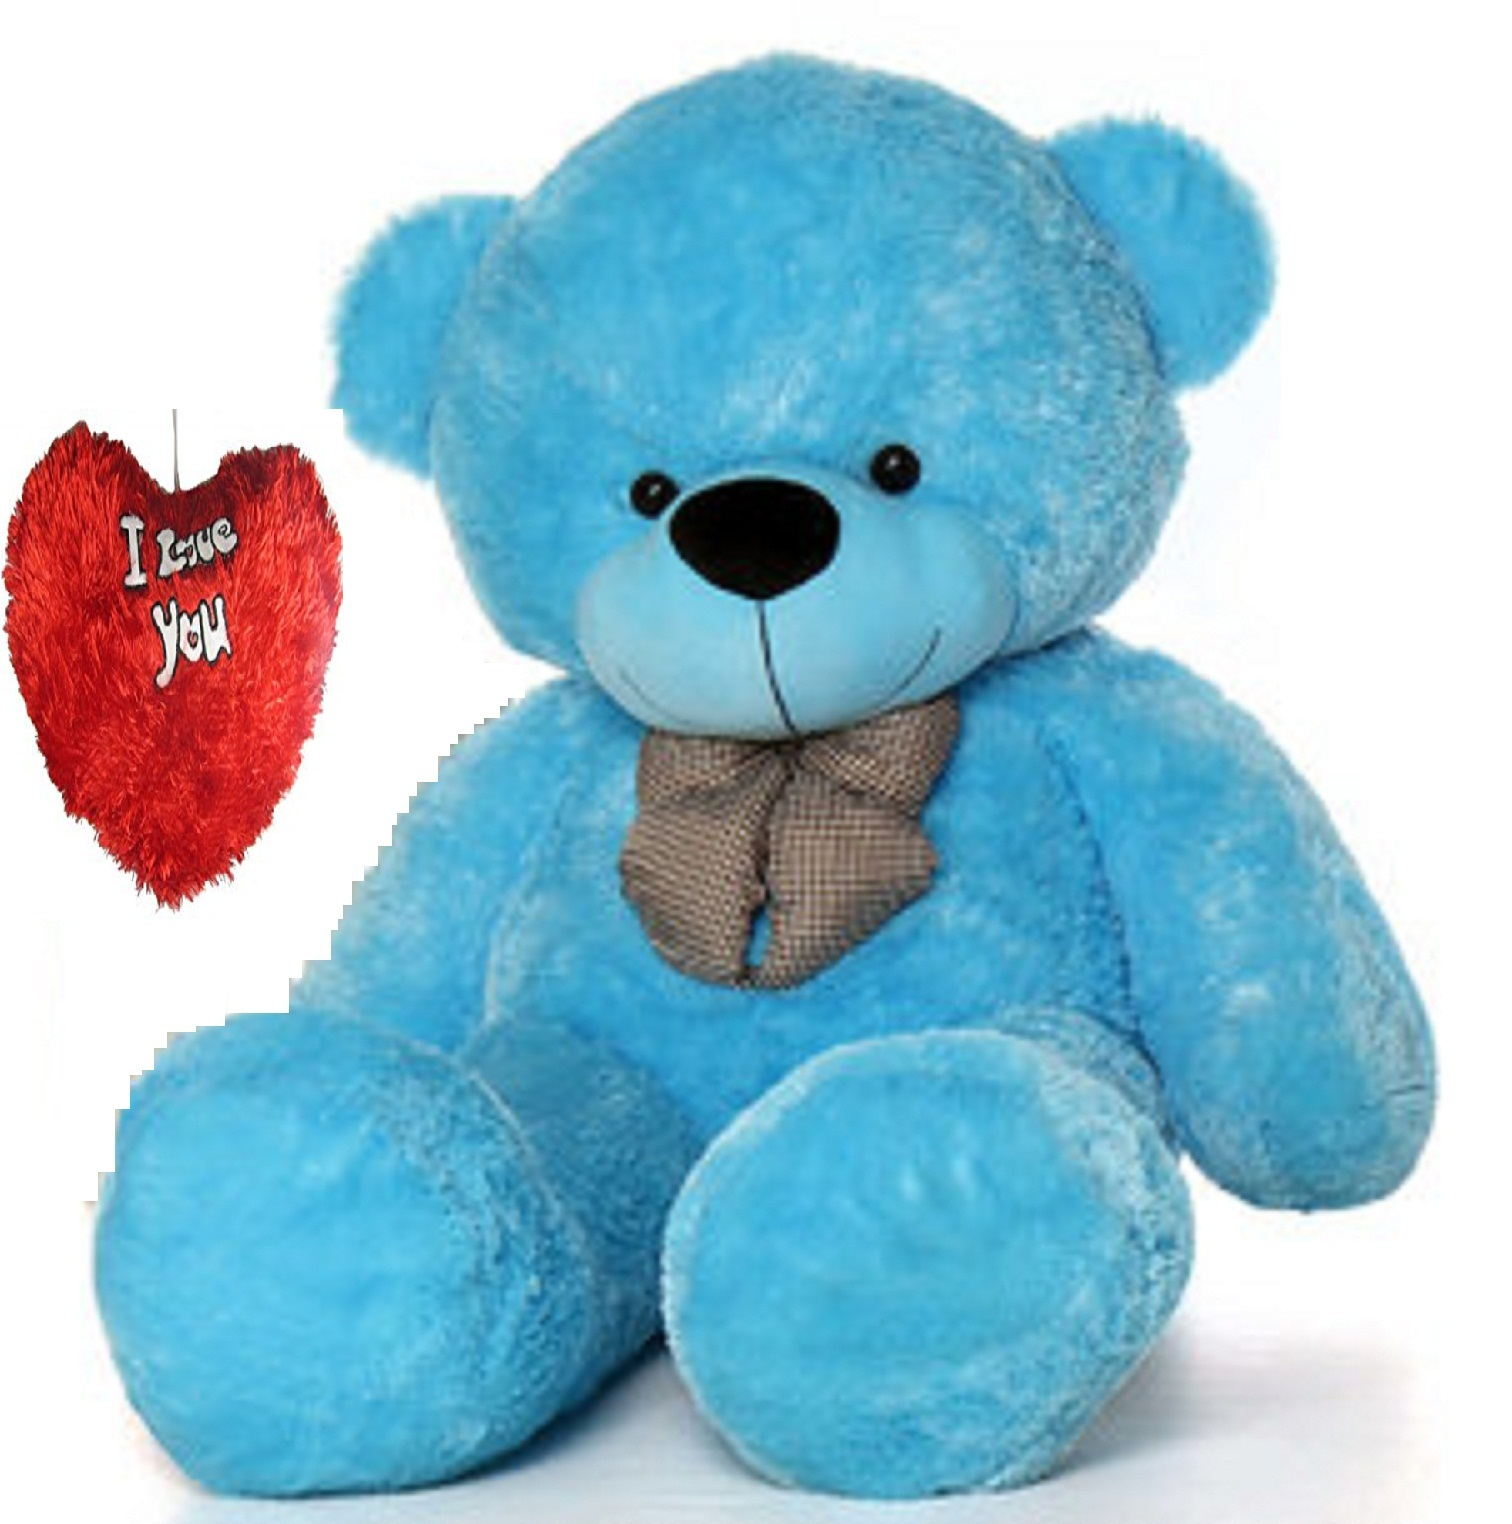 stuffed toy 4 feet soft and cute teddy bear   Blue